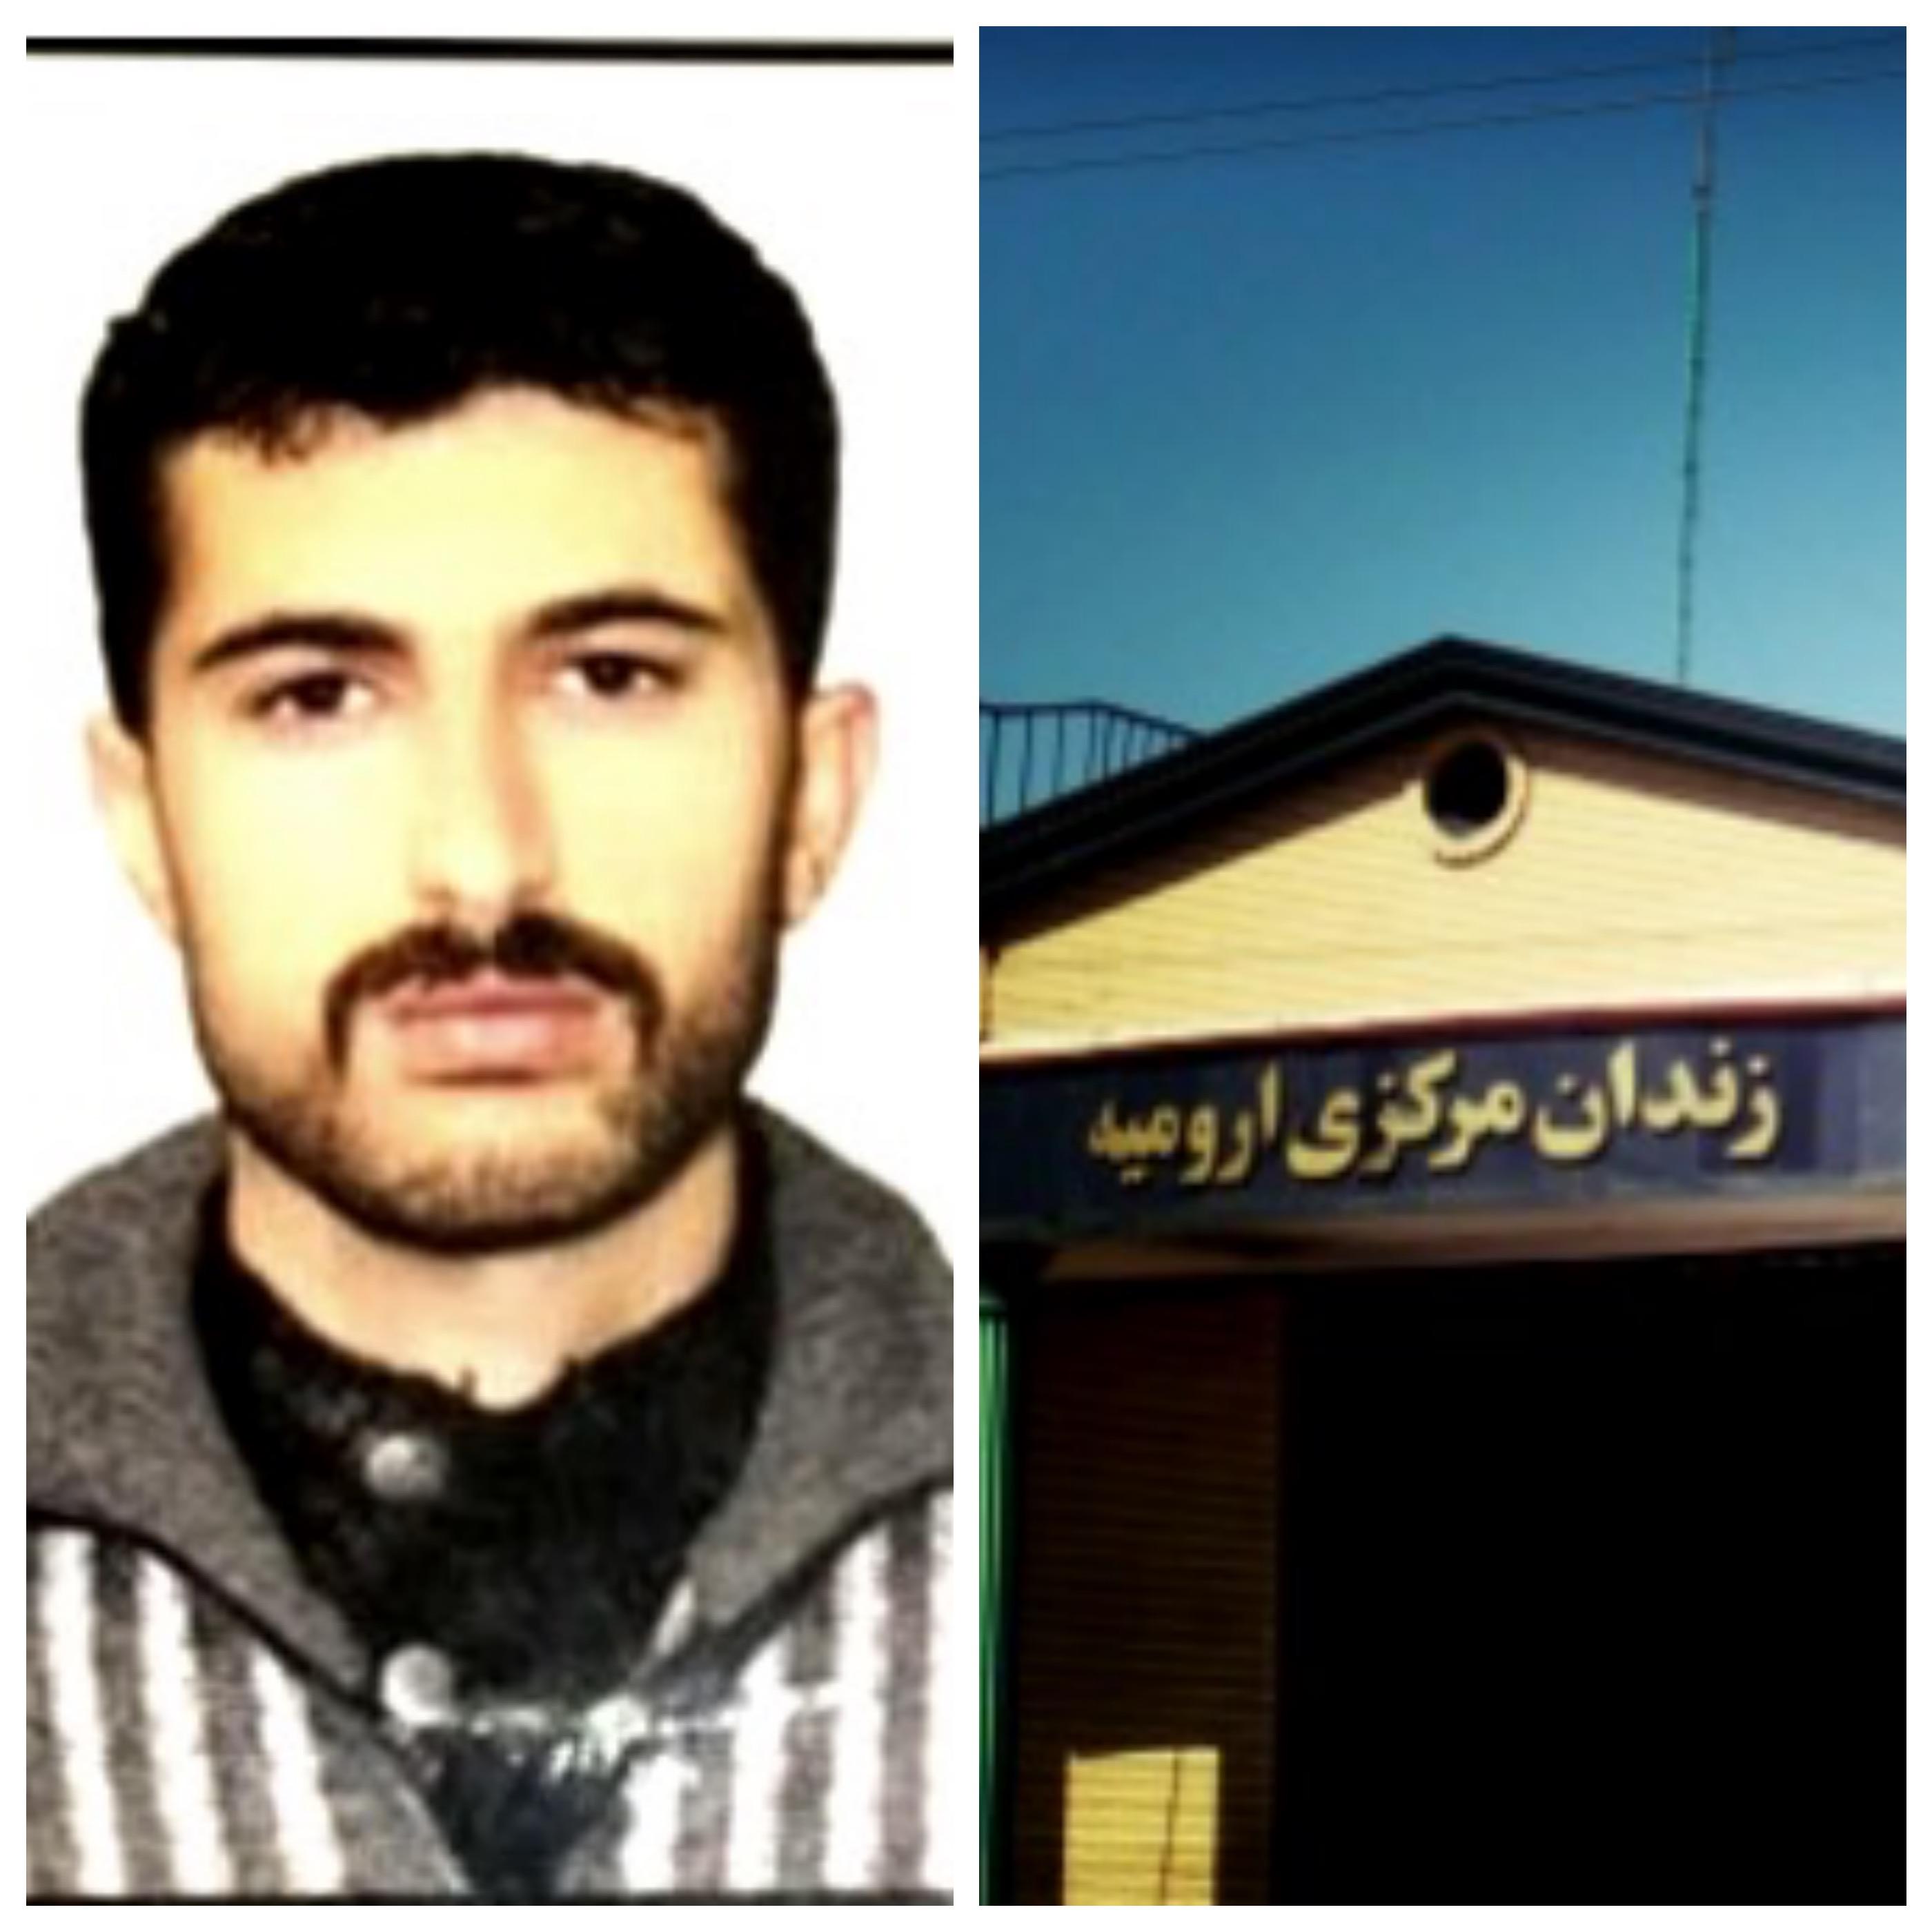 انتقال حسن کمال رمضان به اداره اطلاعات و بازجویی از وی